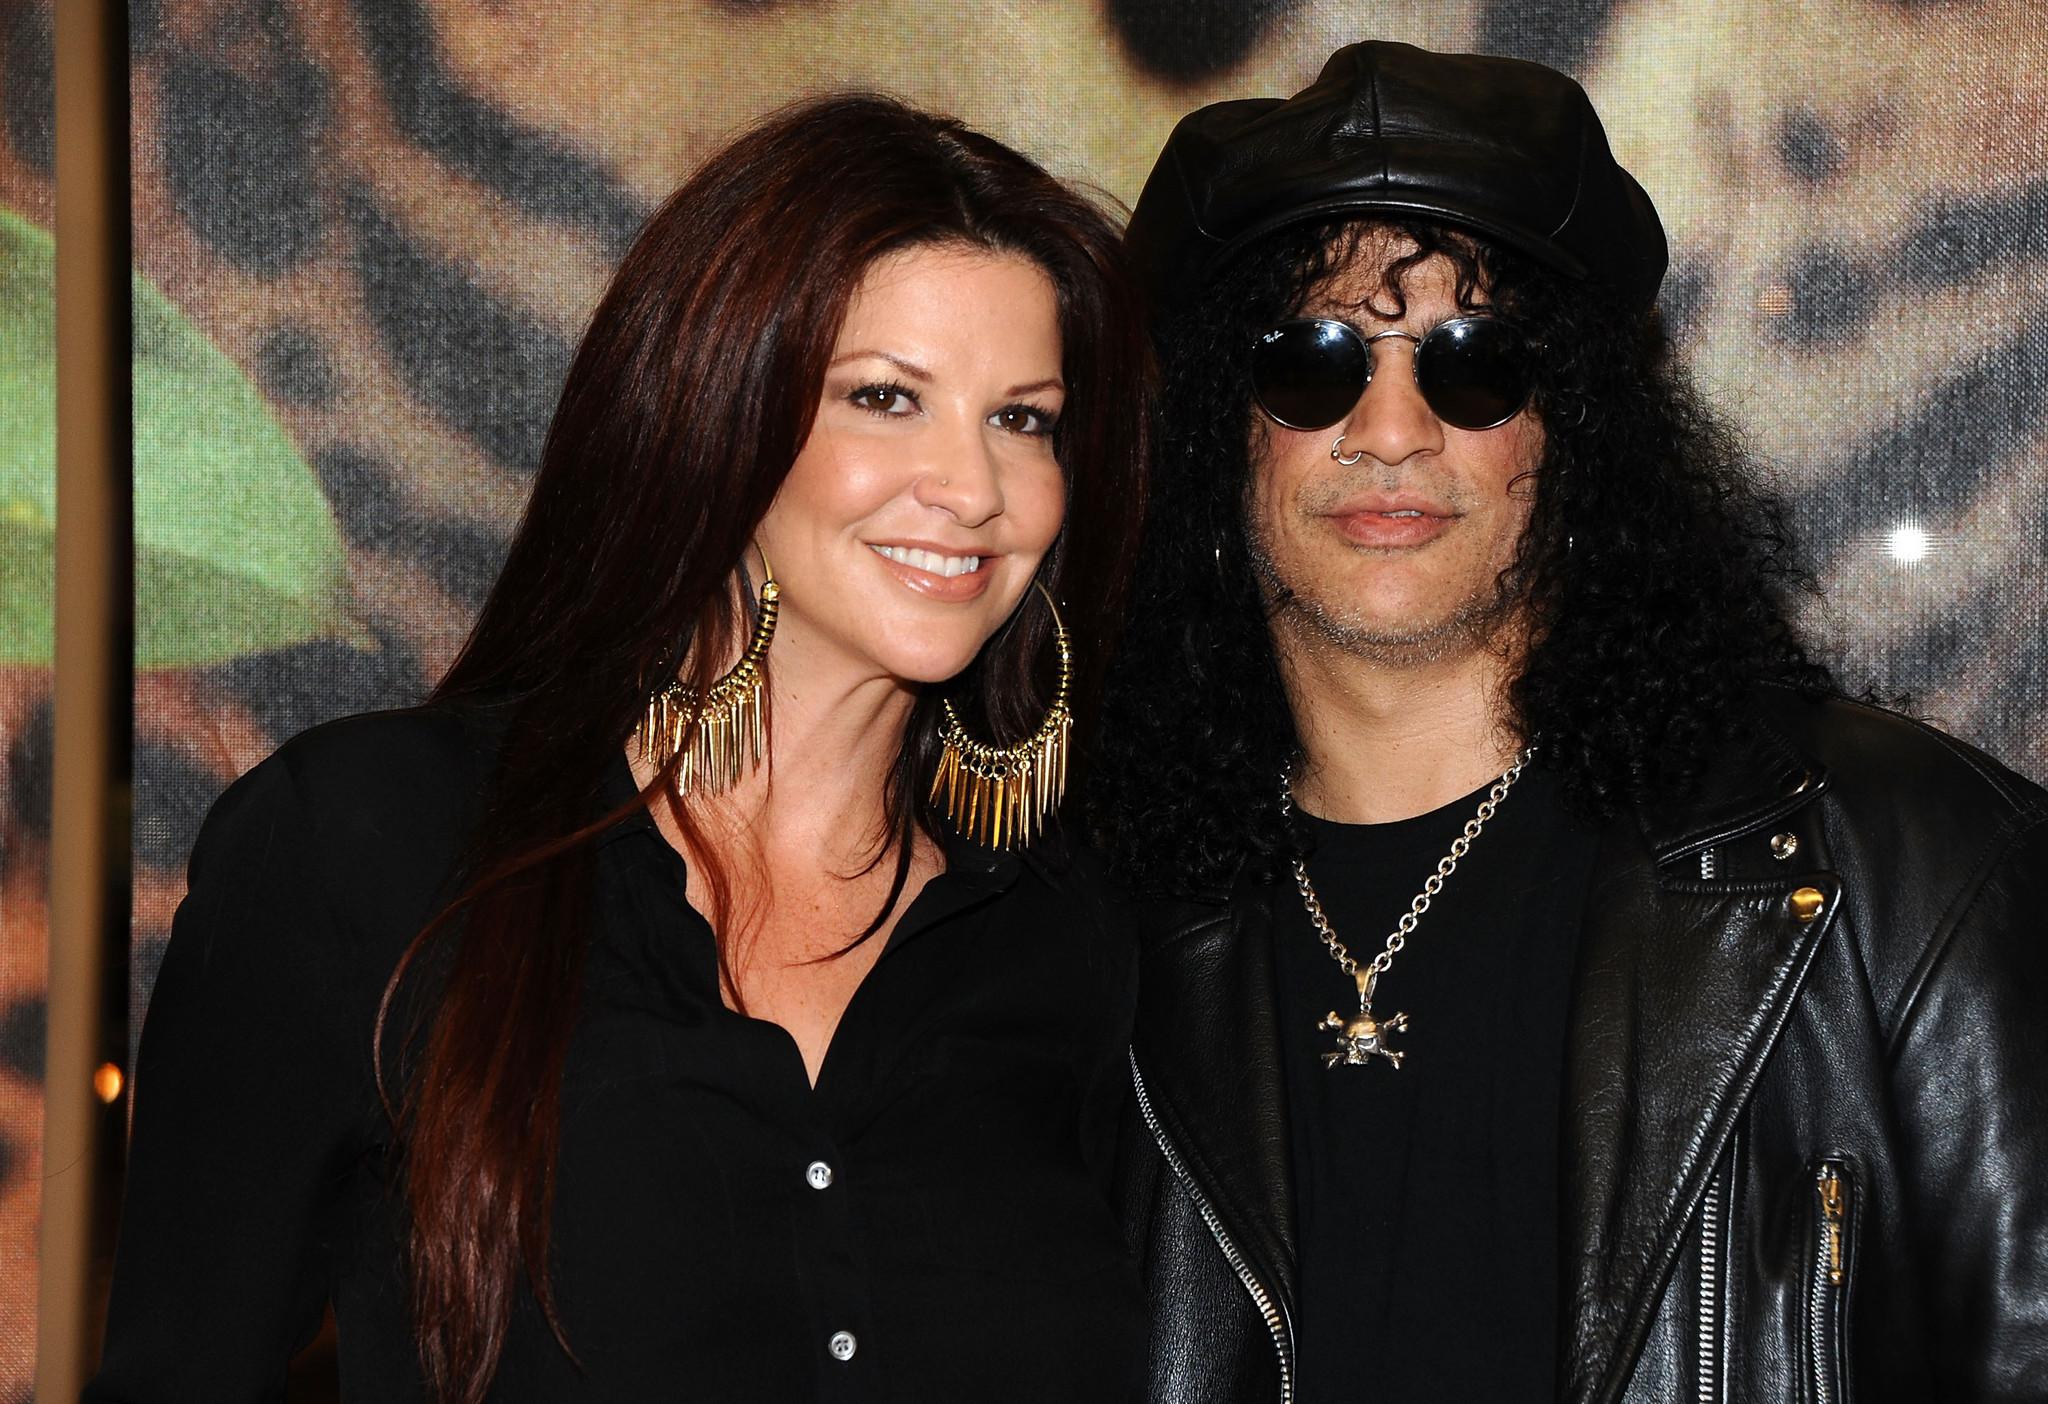 Rocker Slash again files for divorce from wife Perla - LA ...